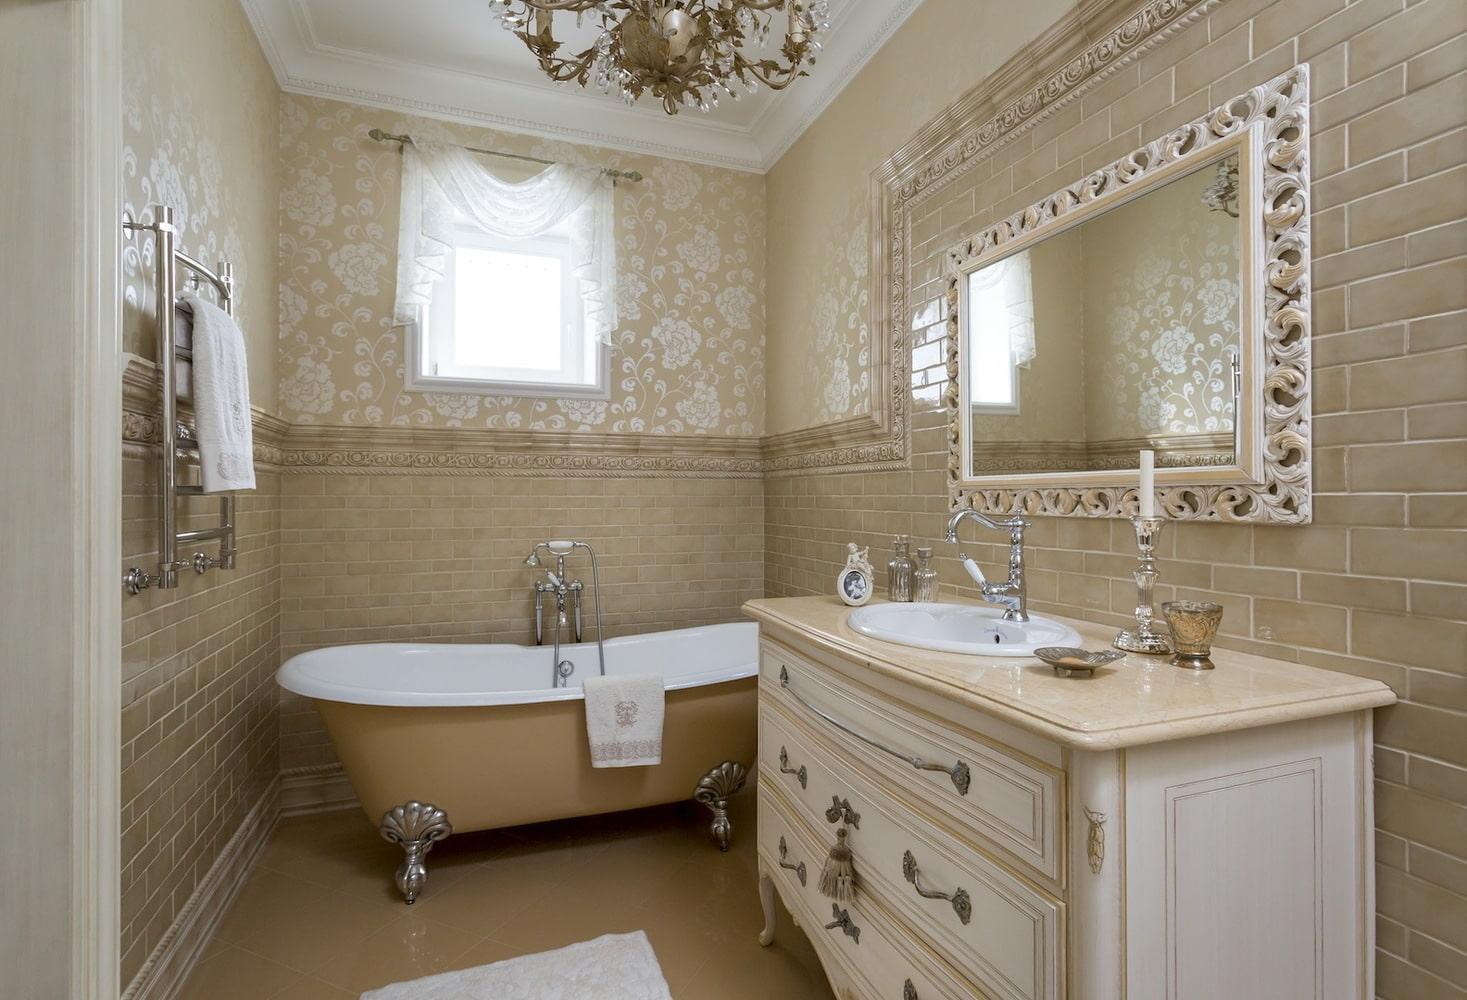 Conception de salle de bain dans un style classique: caractéristiques de style, conseils de conception, exemples de photos